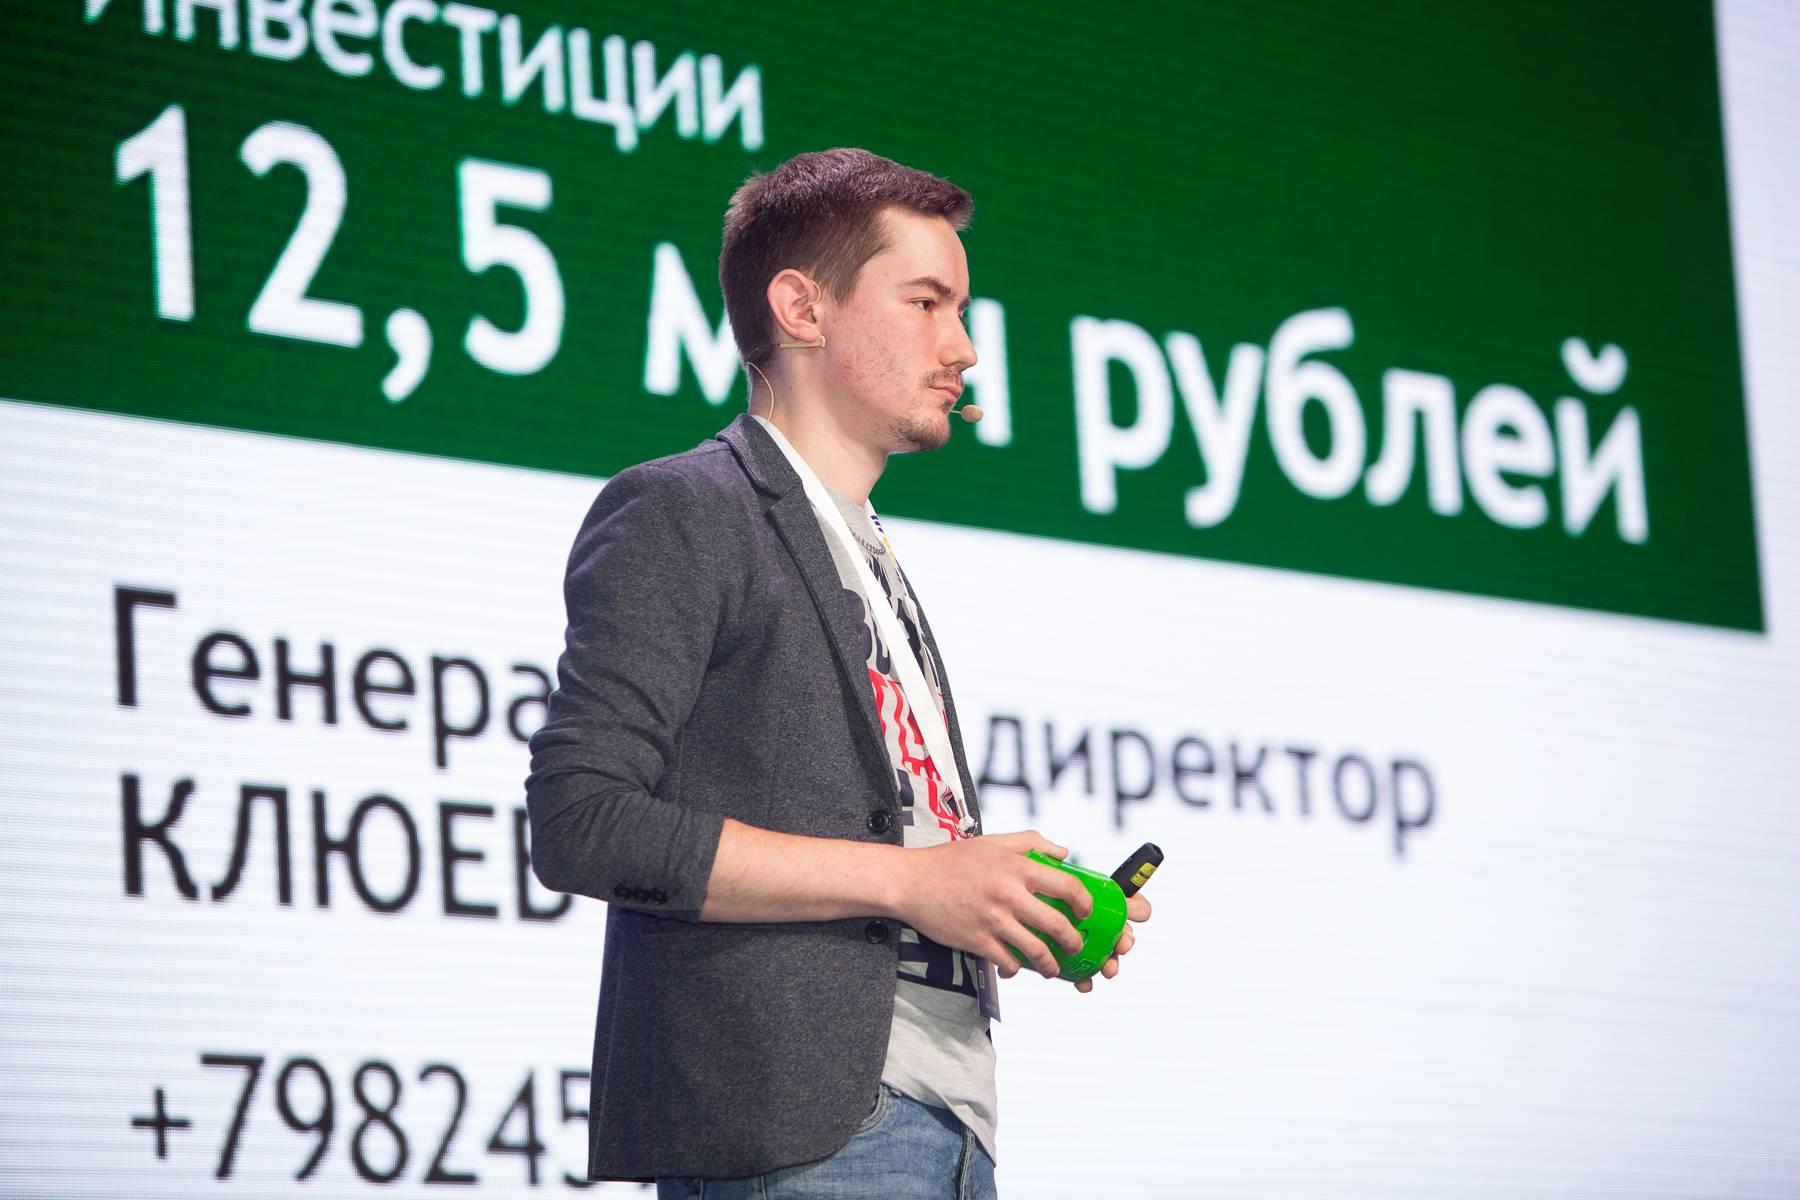 Wasteout: Родион Клюев